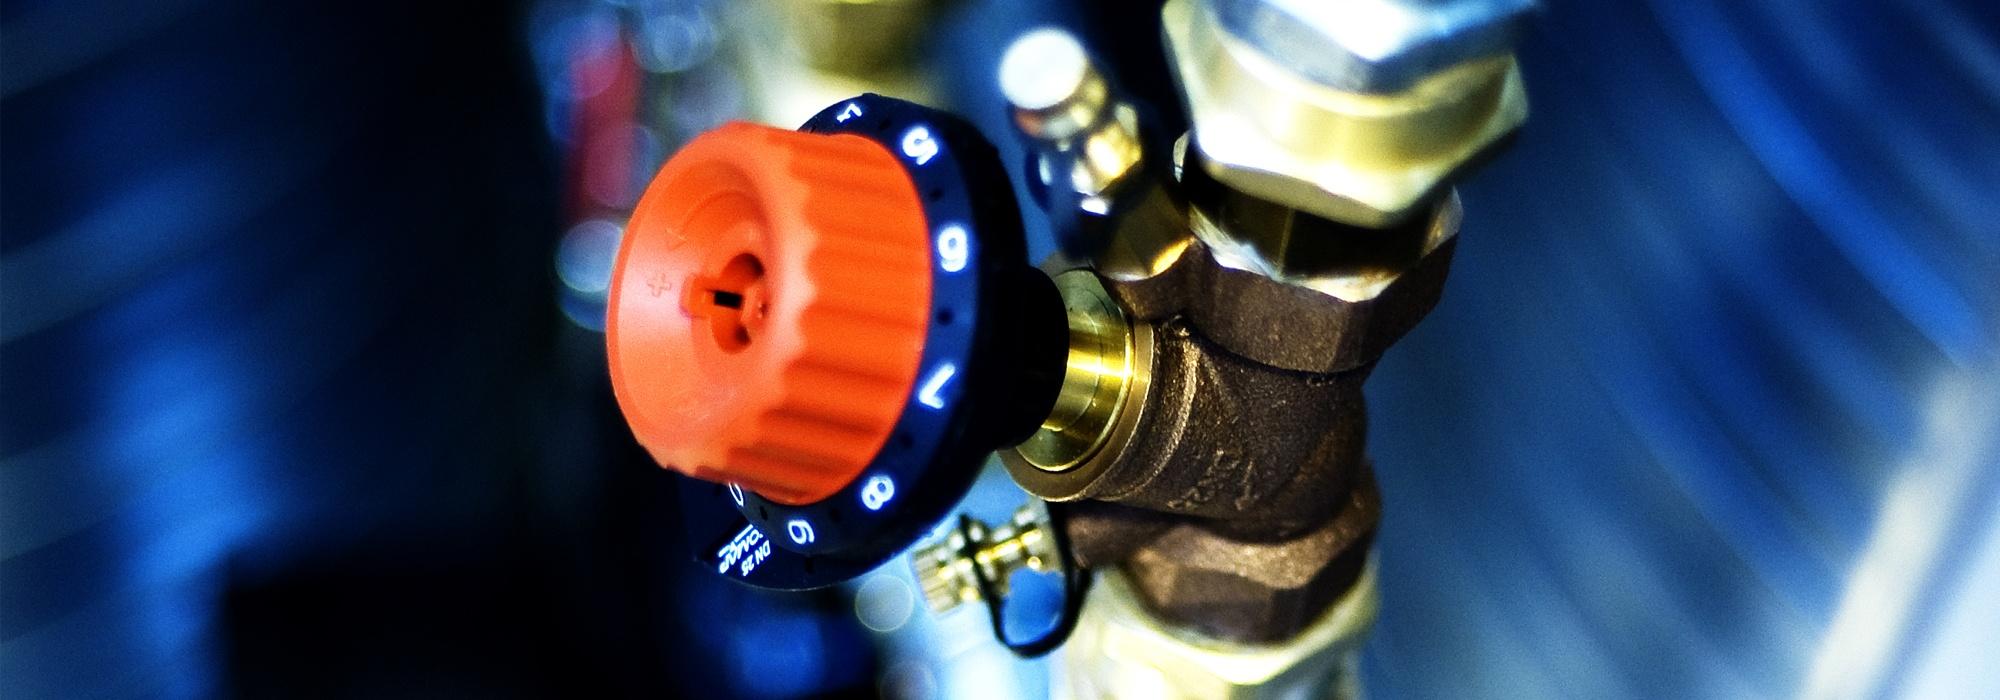 VB Drift, vedlikehold og service av VVS-anlegg